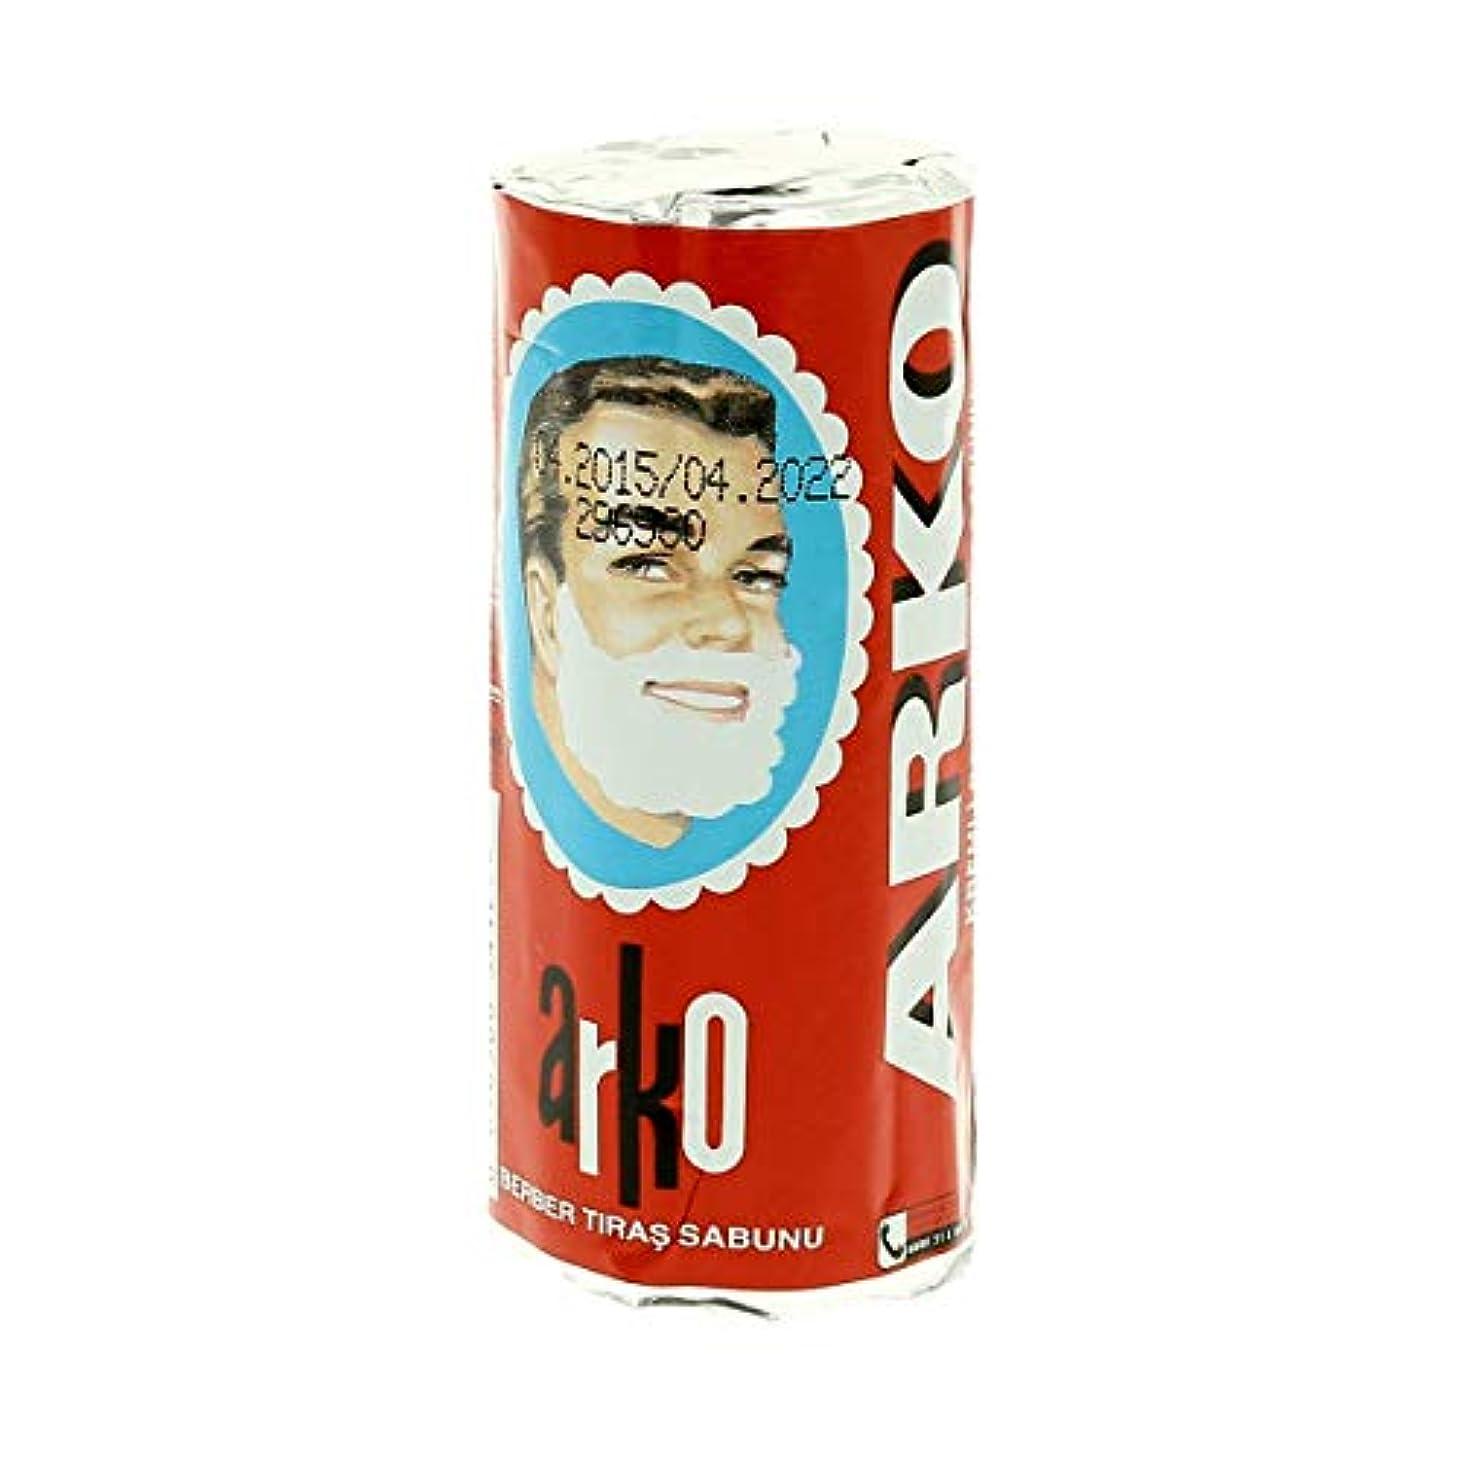 共感する非行不毛のArko アルコ シェービングクリームソープスティック75g[海外直送品]Arko Shaving Cream Soap Stick 75g [並行輸入品]